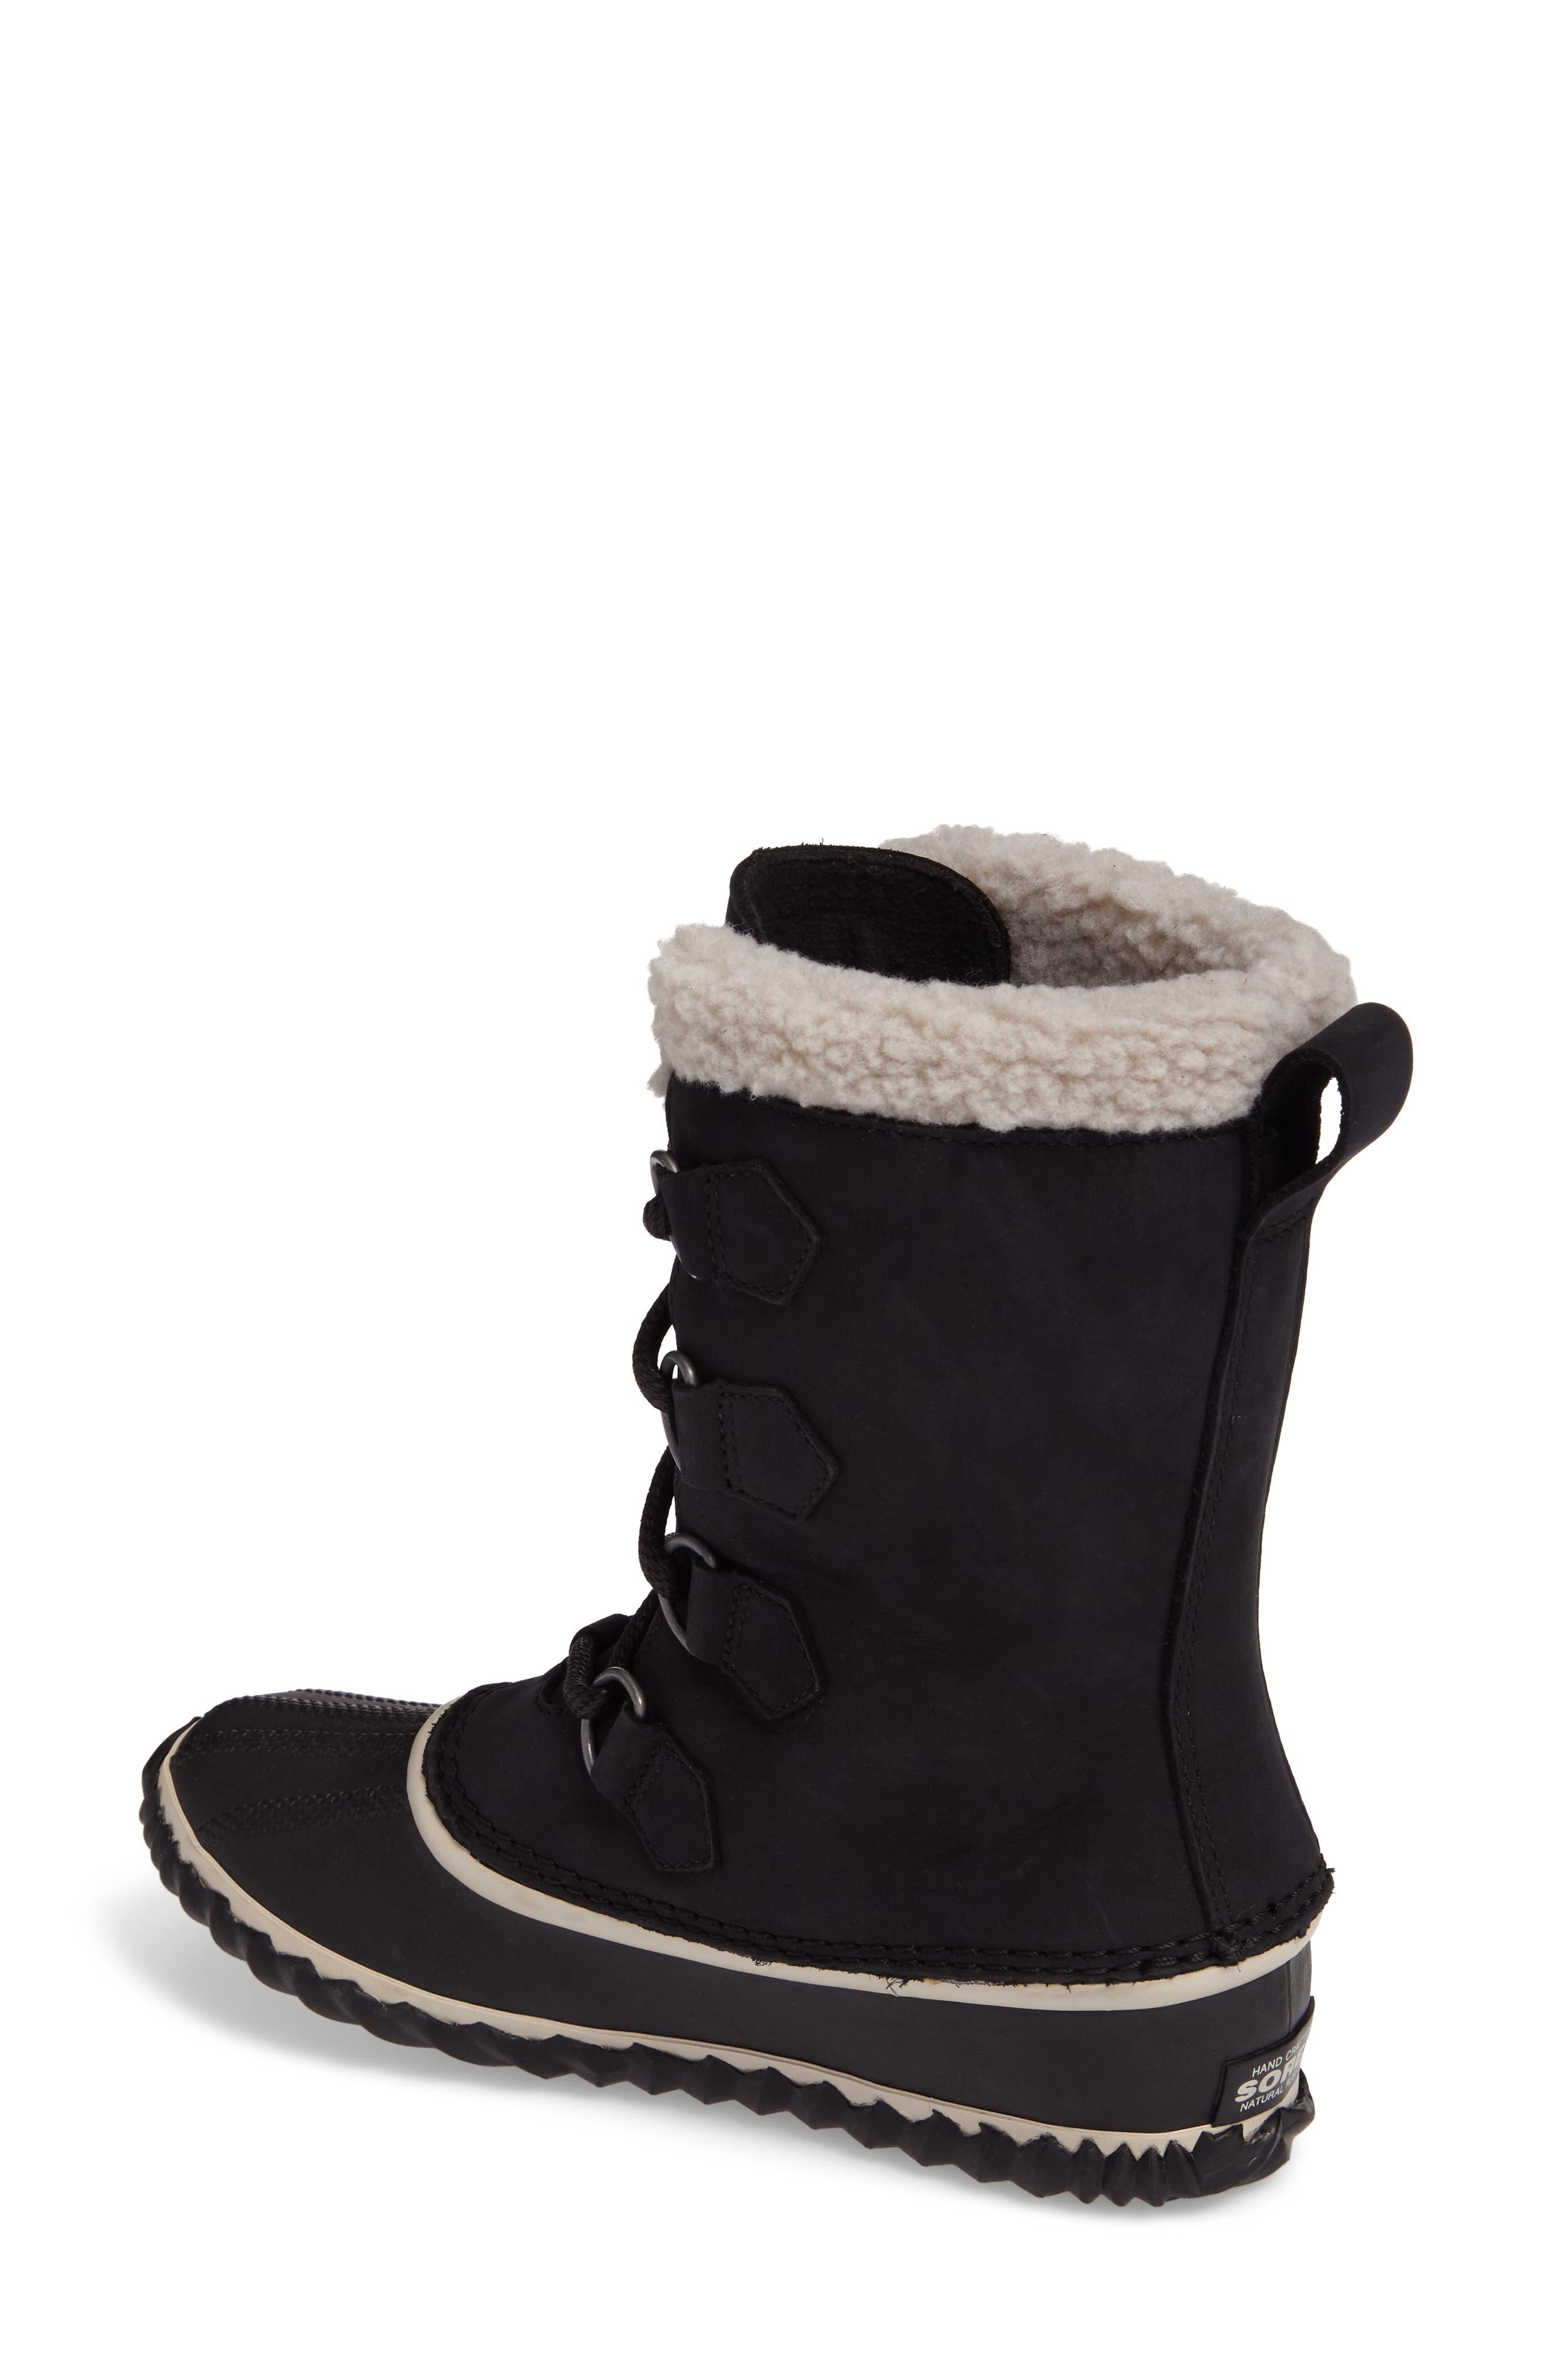 Caribou Slim Waterproof Boot,                             Alternate thumbnail 2, color,                             010